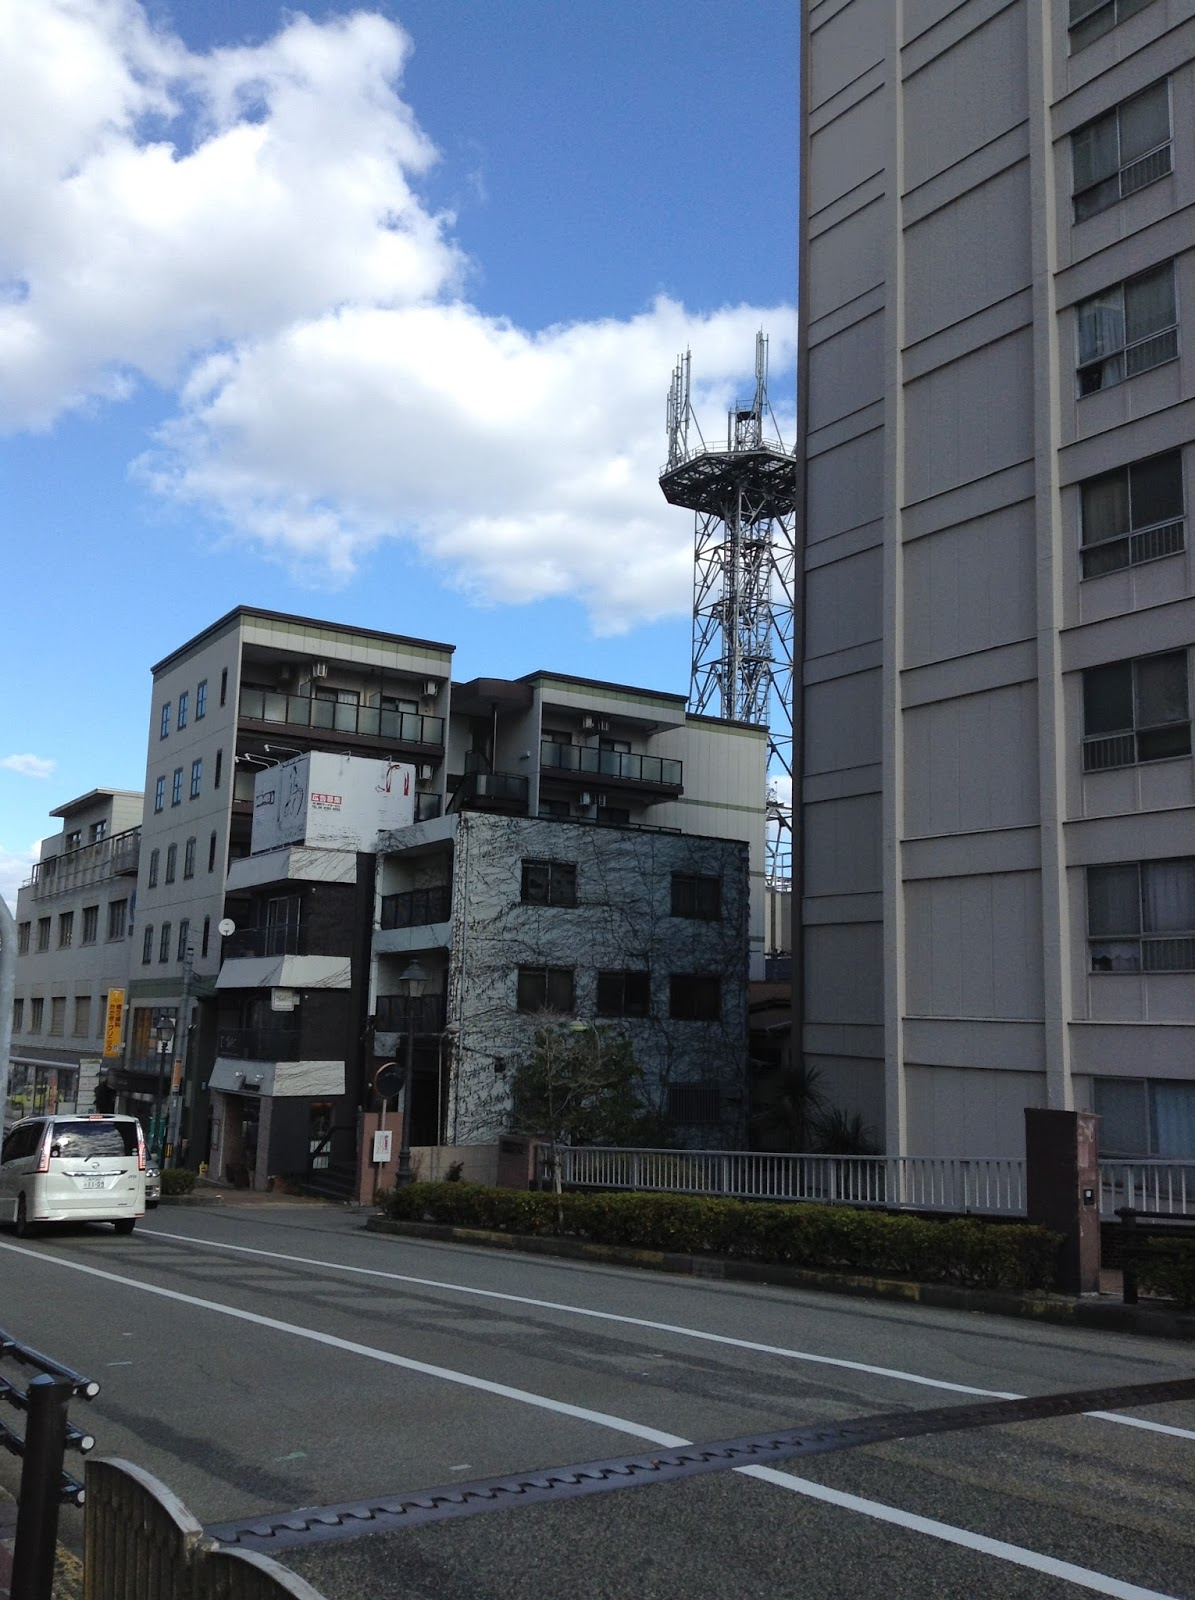 Japanese street, Takarazuka